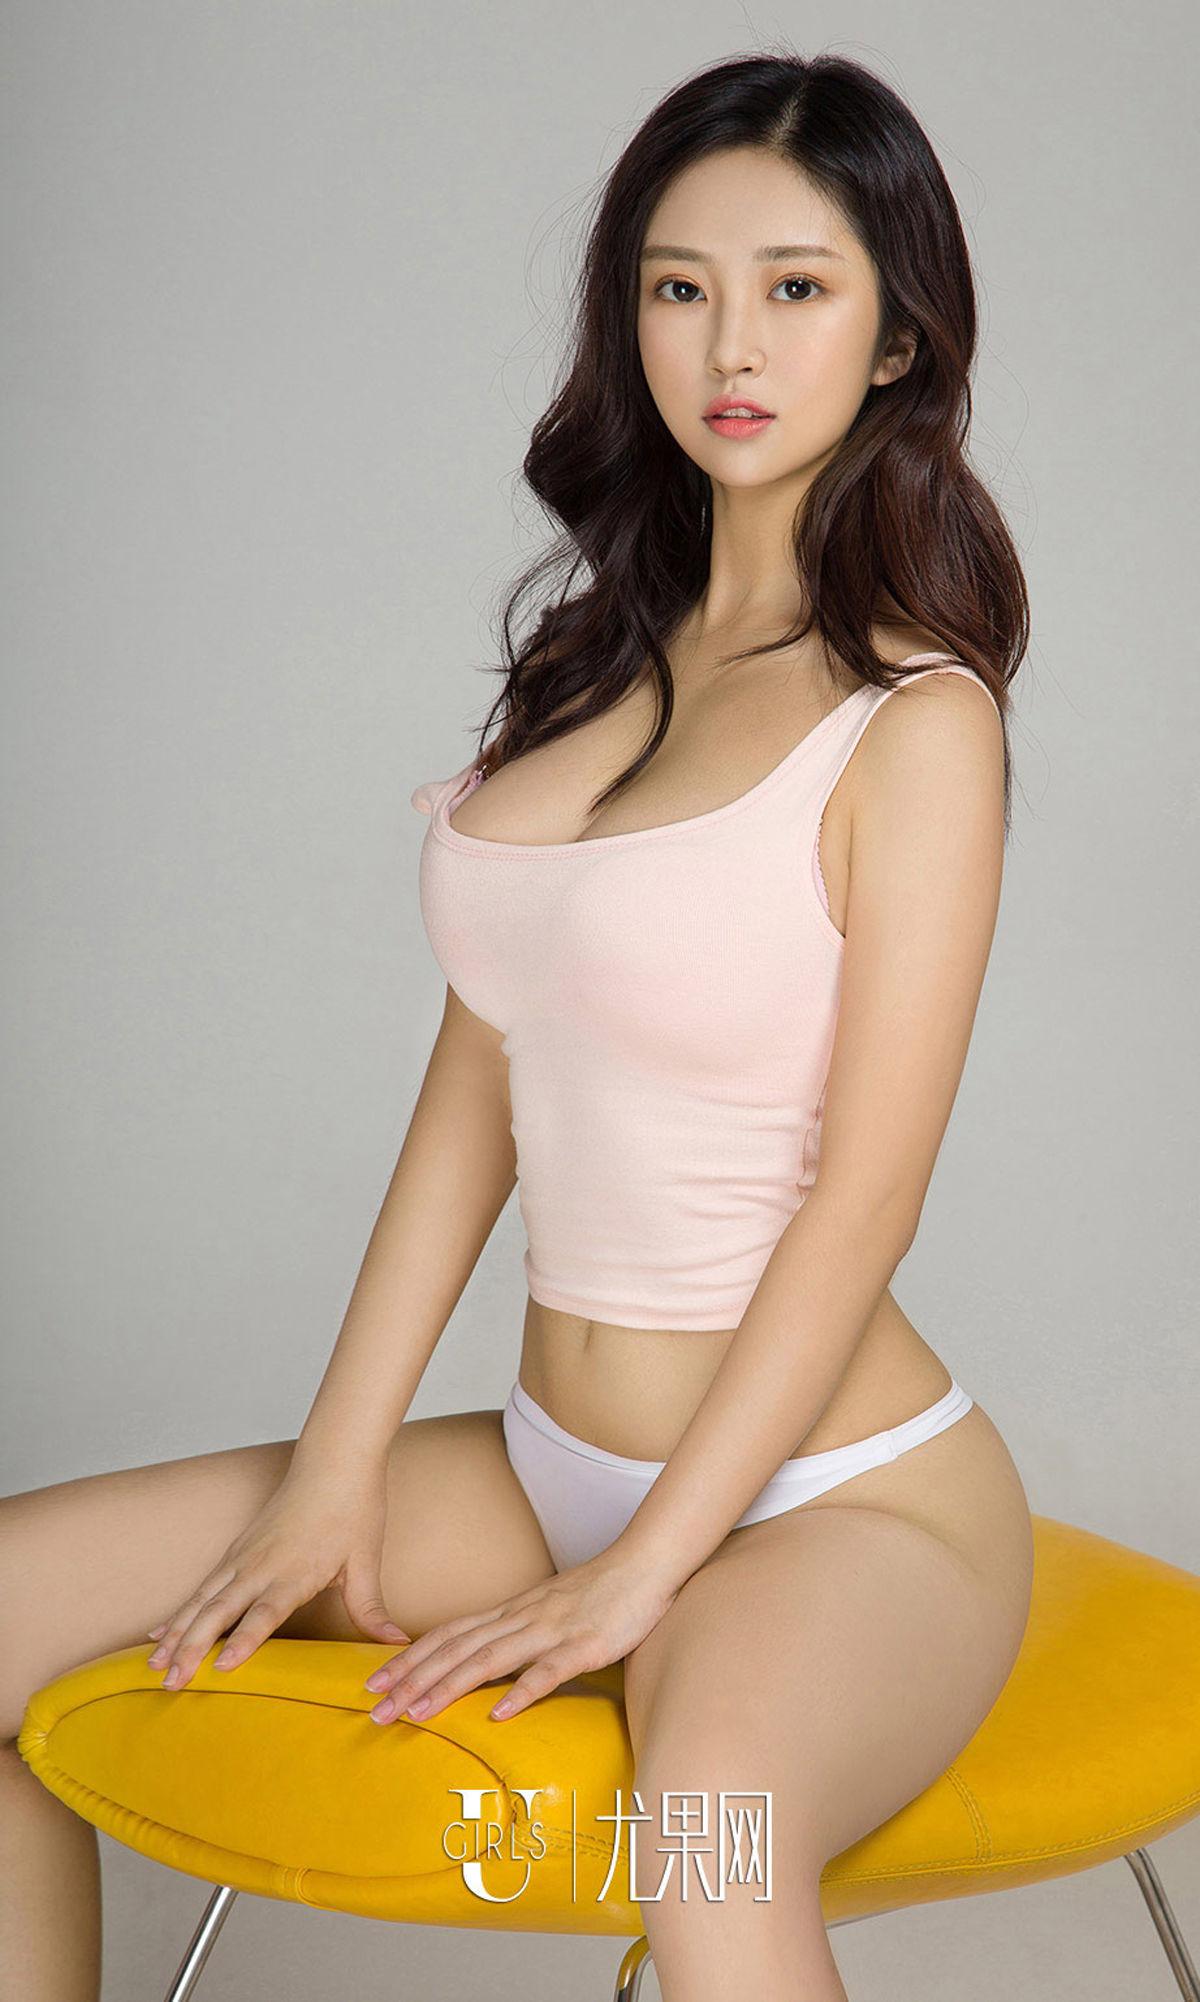 安沛蕾&章鱼小丸子&孟晓艺&沐恩&田嘉言&艾小青&田